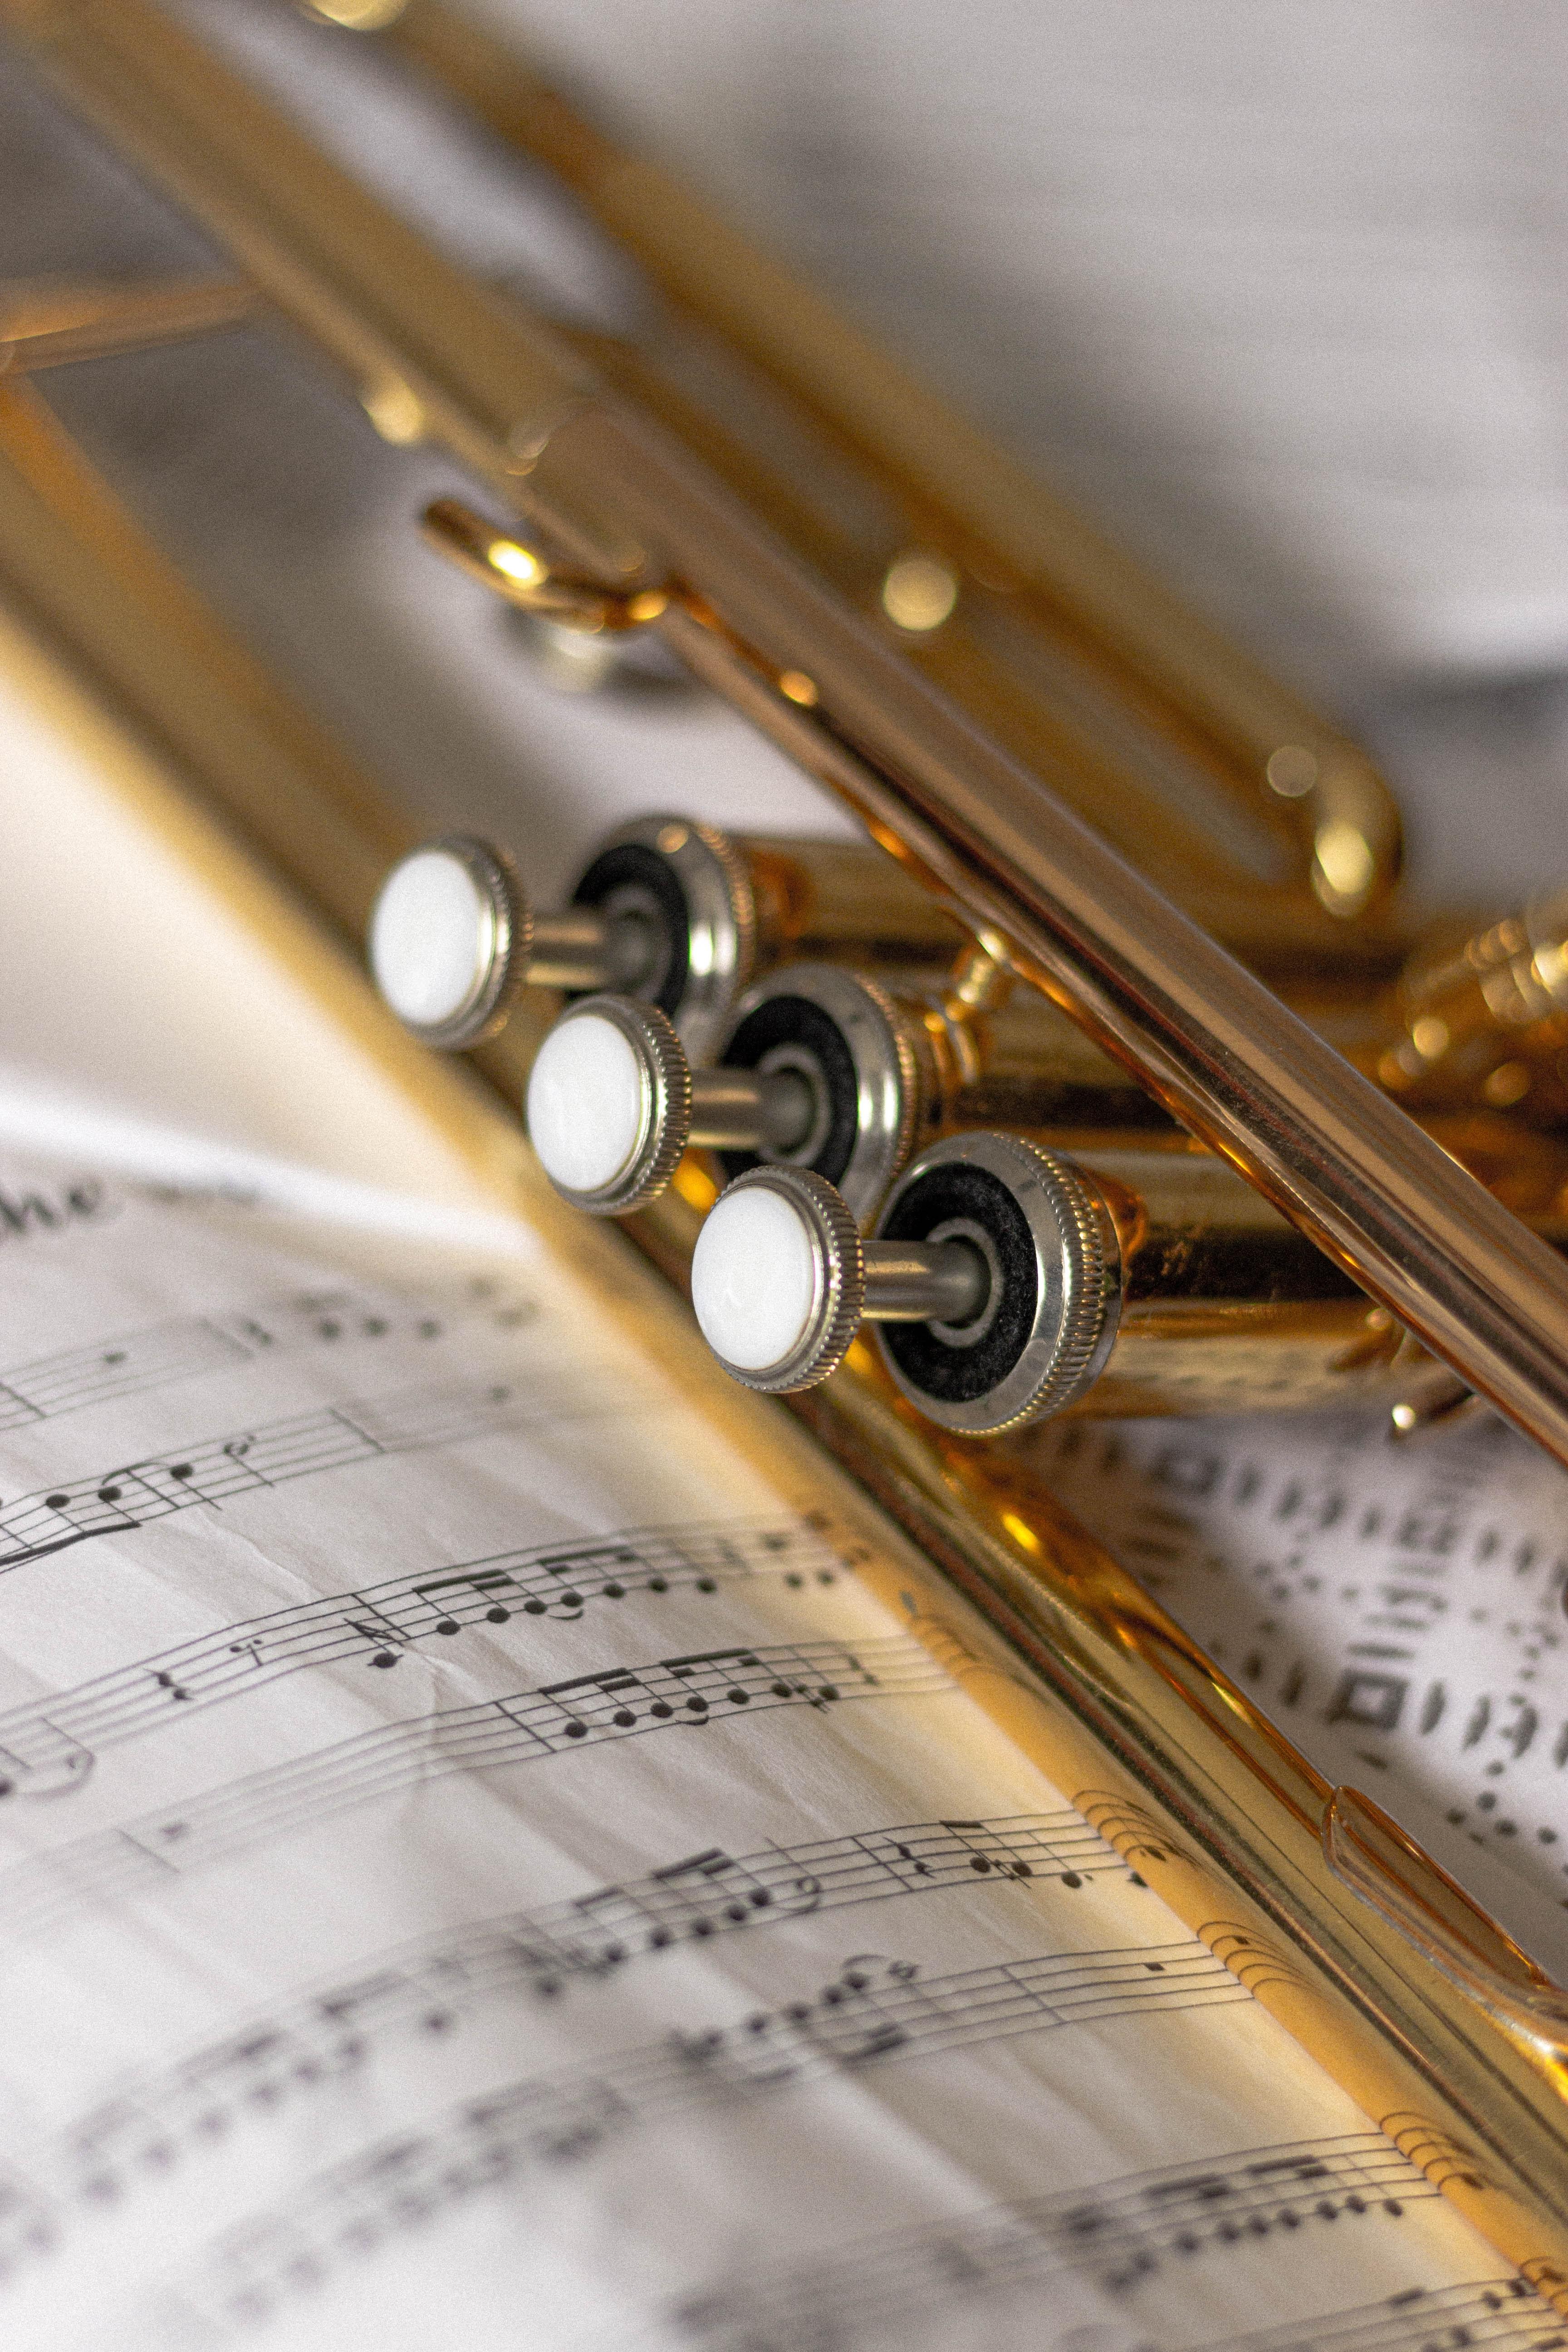 67466 Hintergrundbild herunterladen Musik, Musikinstrument, Trompete, Rohr, Anmerkungen - Bildschirmschoner und Bilder kostenlos